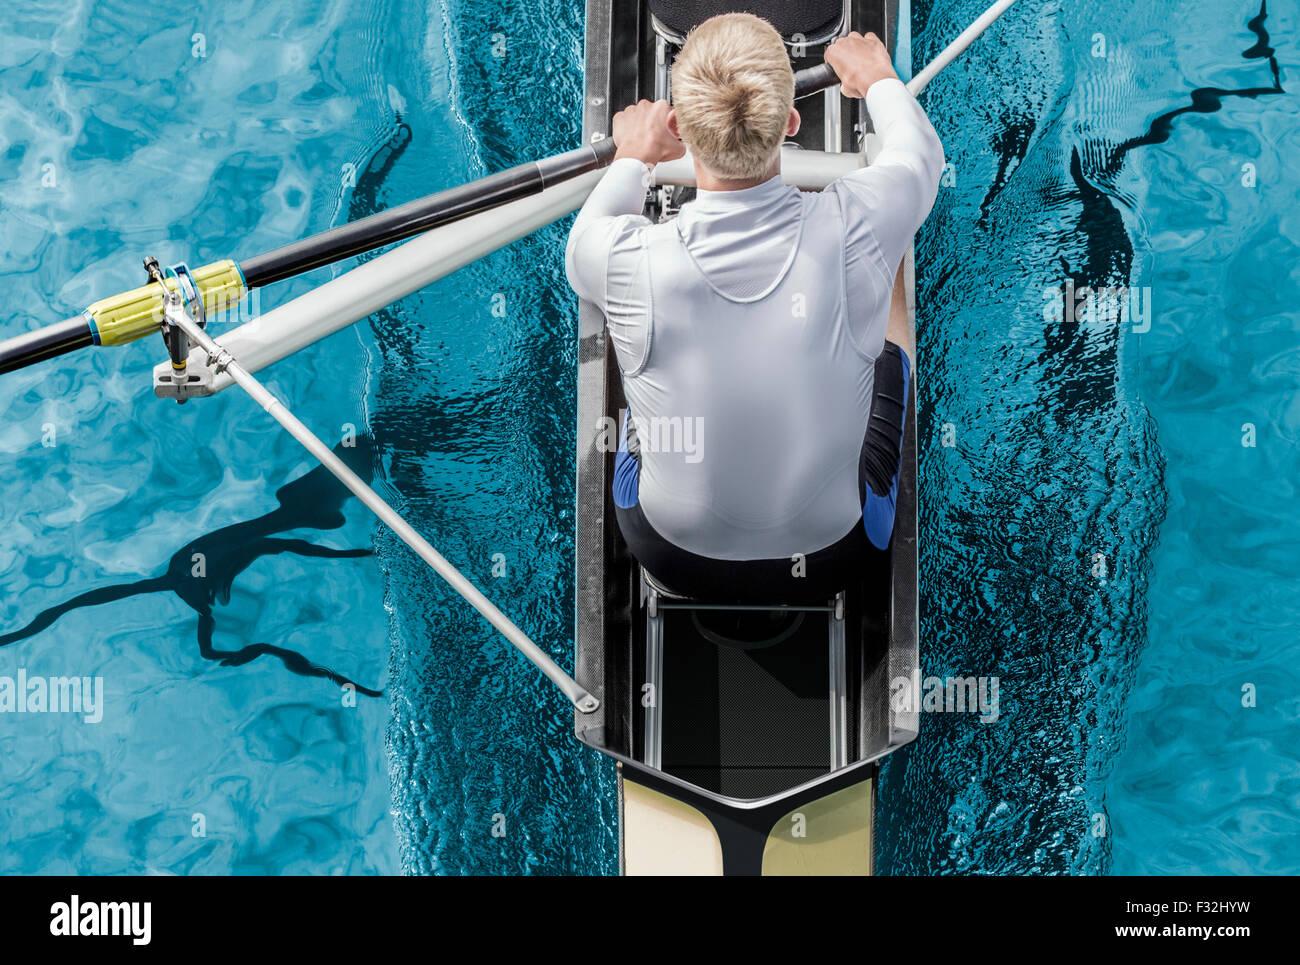 Draufsicht der sportlichen Wettkampf Ruderer, wer sein Paddel durch metallische blauen Wasser streichelt. Stockbild